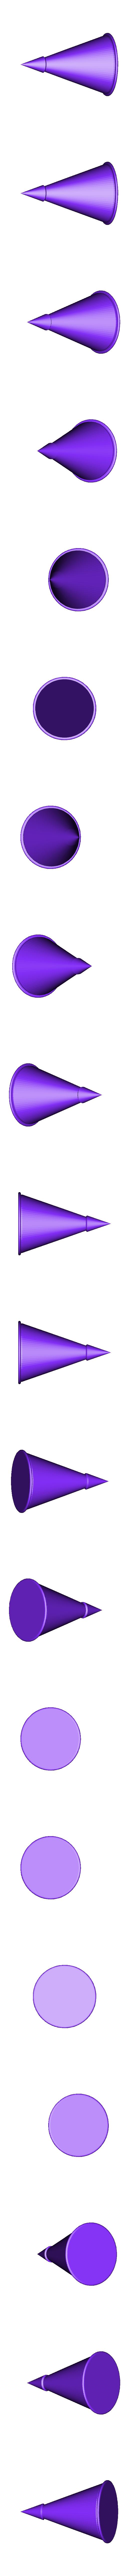 warhead_3.stl Download free STL file GI Joe Nanomites warhead • 3D print model, poblocki1982